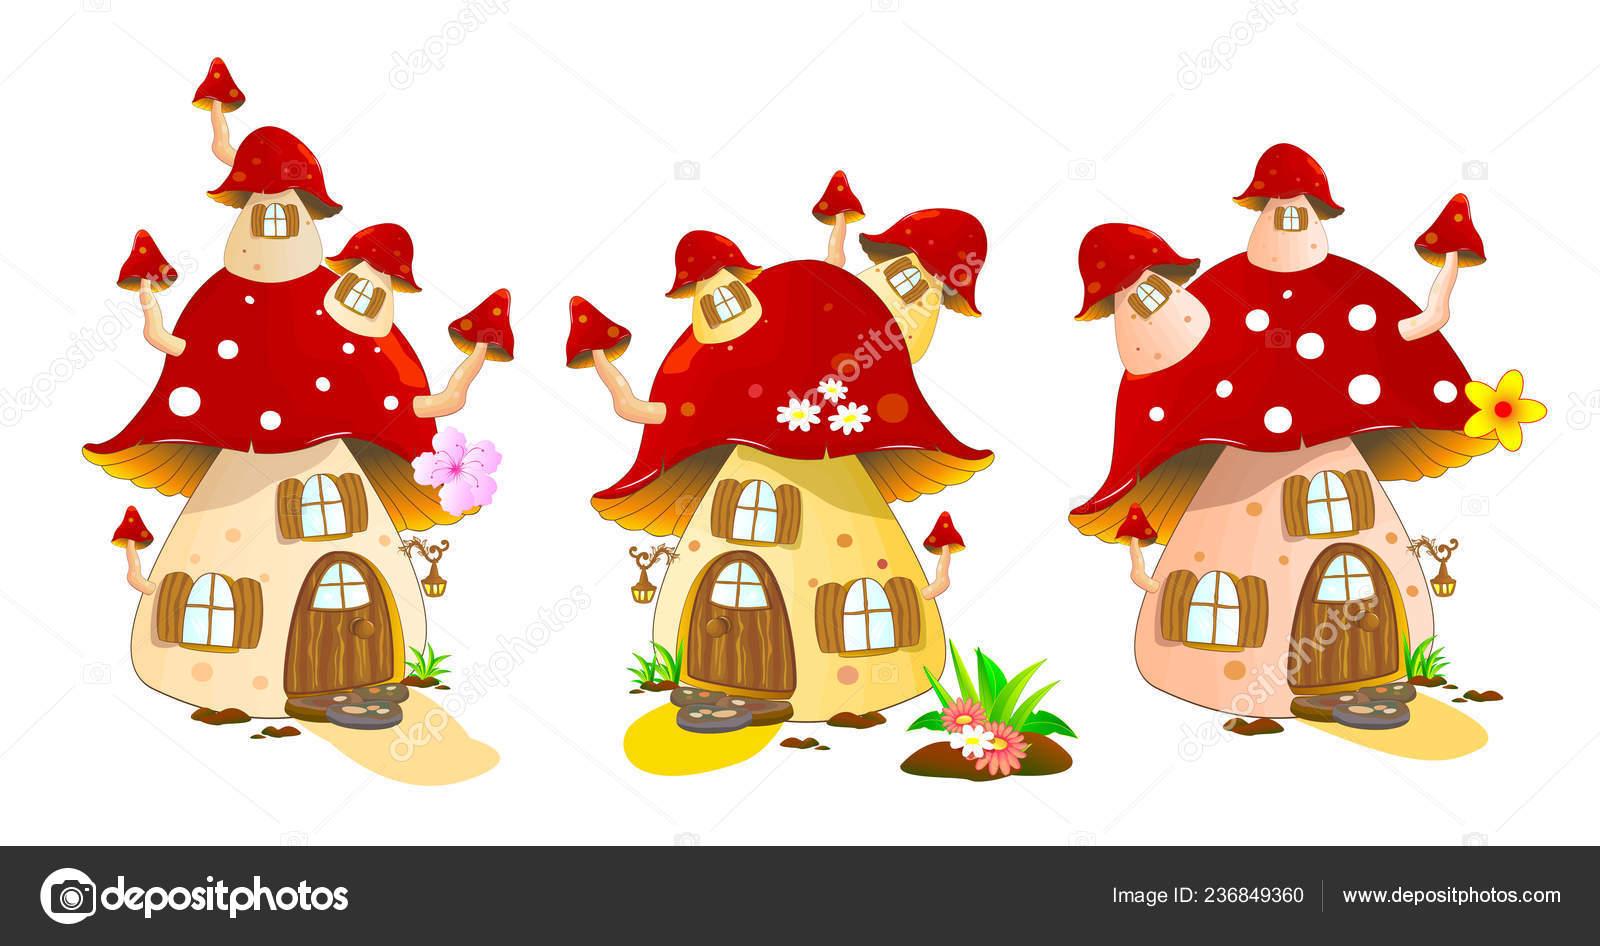 Dessin animé maisons champignons sur fond blanc couleurs maison champignon illustration de stock